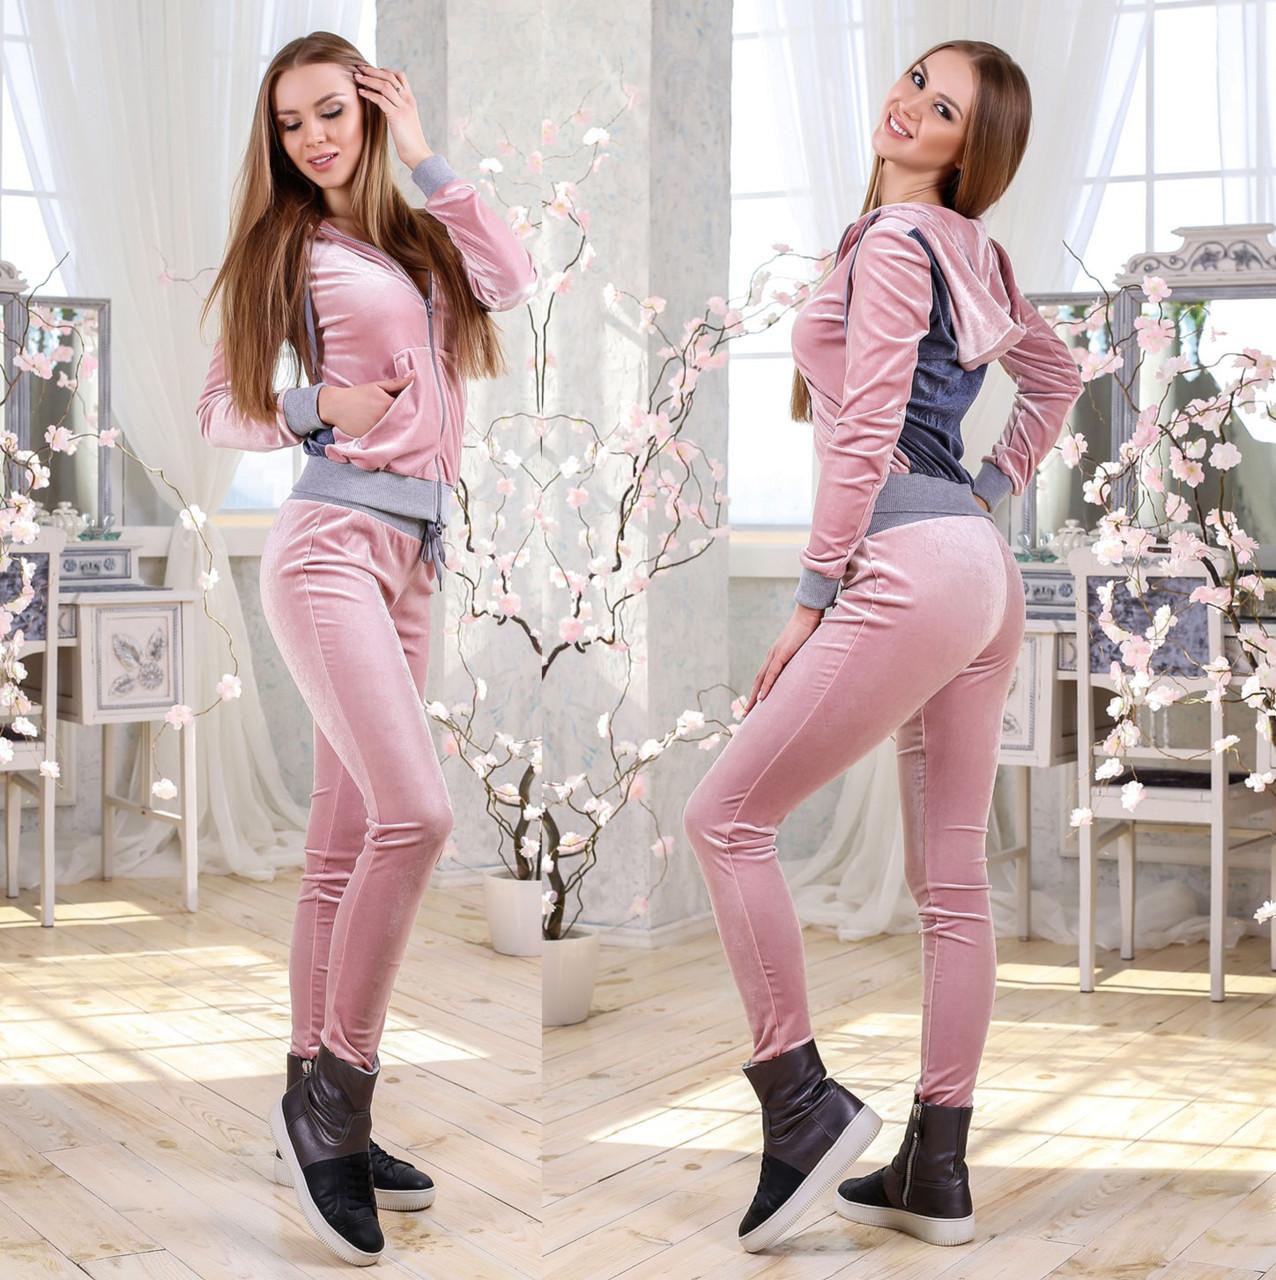 7b87ad76 Спортивный женский костюм из стрейчевого велюра F Розовый - Интернет-магазин  Леди-лайн в